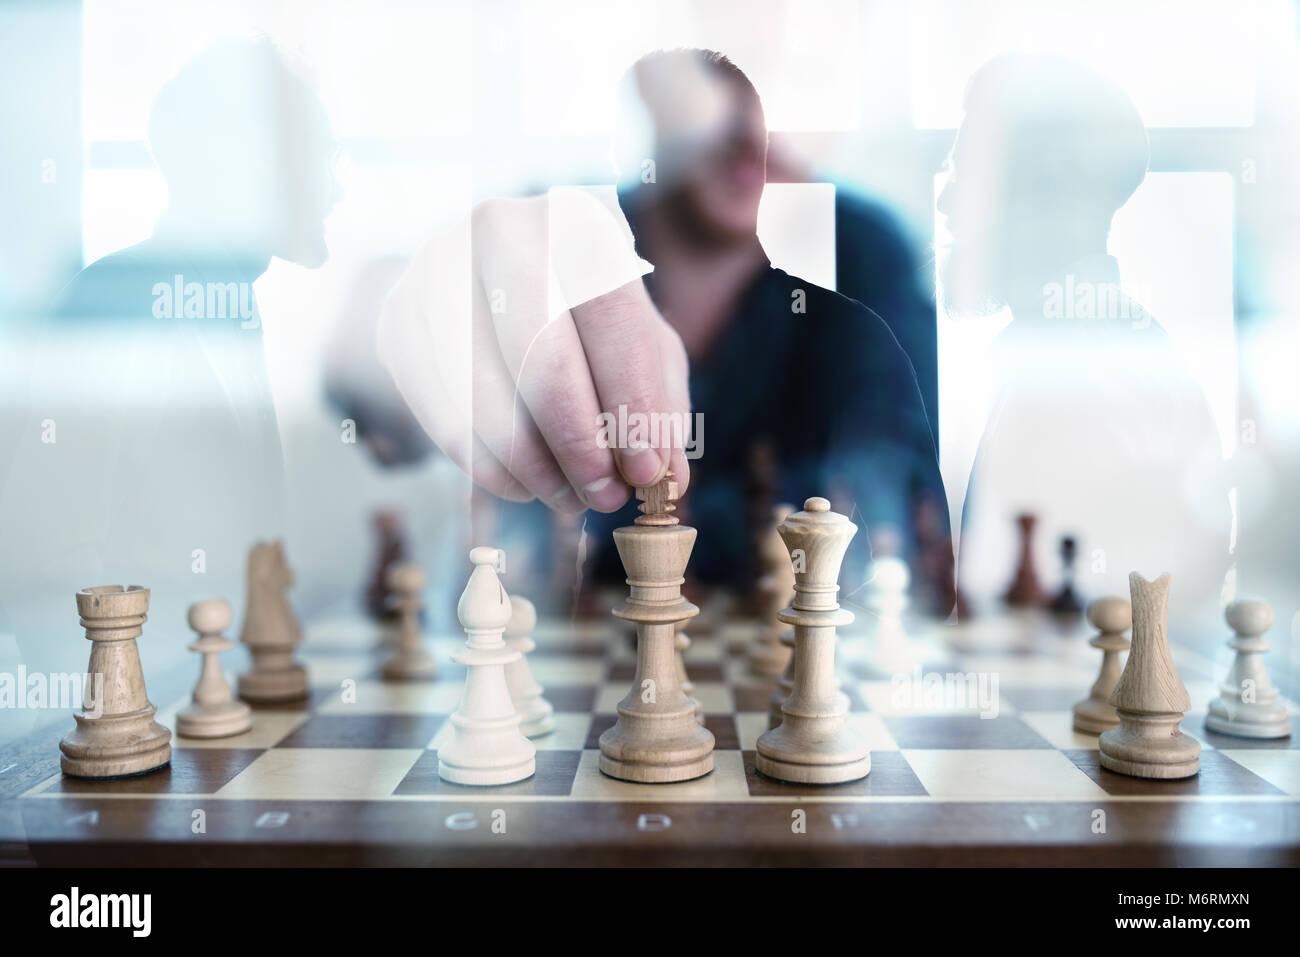 Tactique d'affaires avec jeu d'affaires et qui travaillent ensemble dans le bureau. Concept d'équipe, de partenariat et d'une stratégie double exposition. Banque D'Images